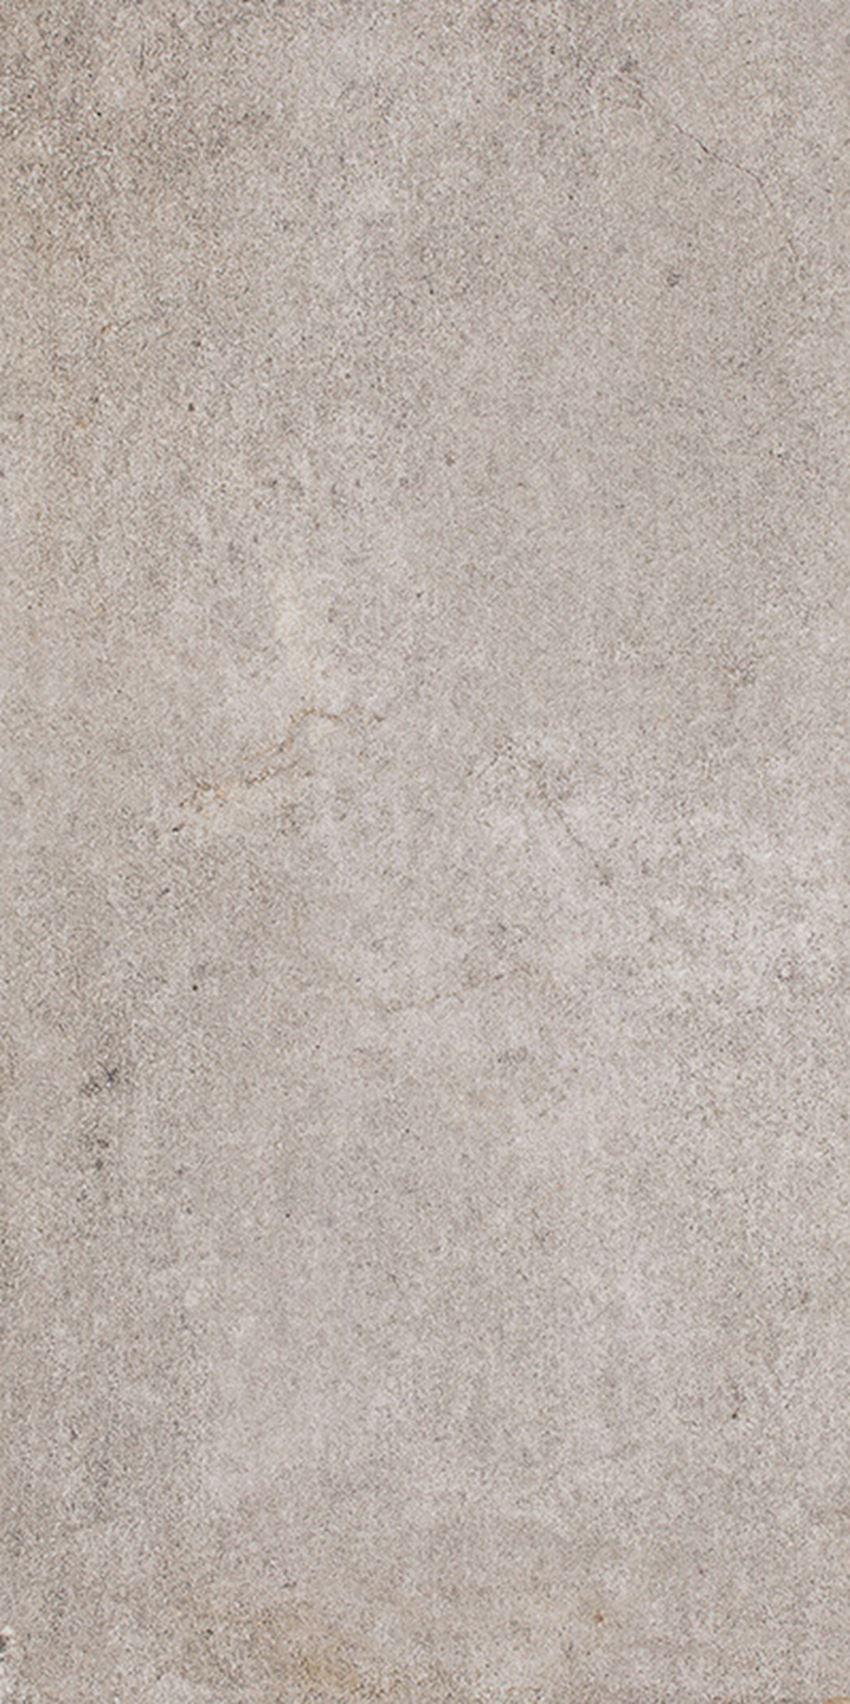 Płytka ścienno-podłogowa 29,8x59,8 cm Paradyż Riversand Grys Gres Szkl. Rekt. Półpoler